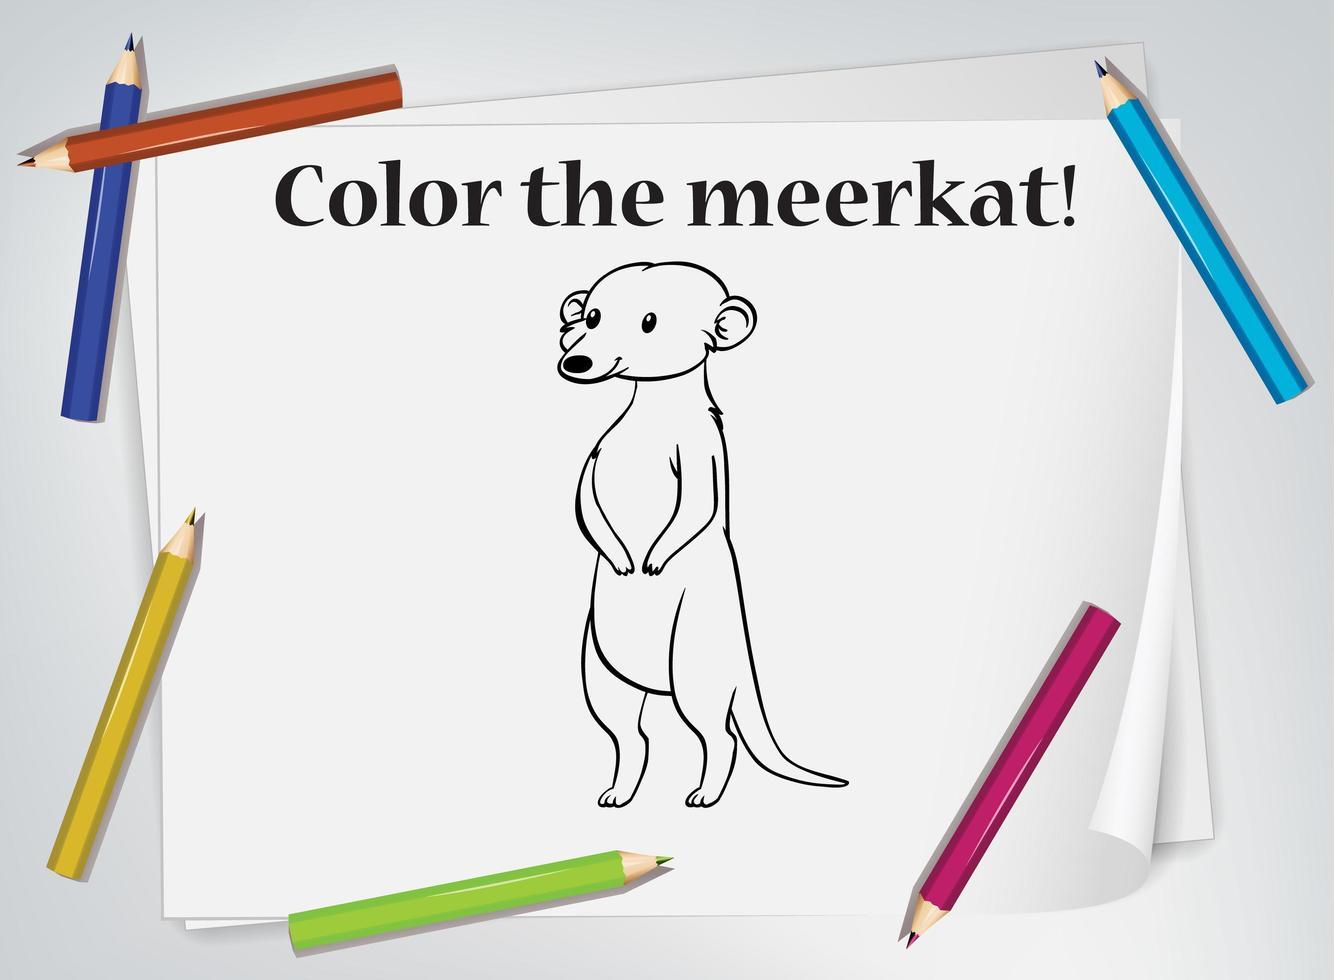 kinderen meerkat kleurend werkblad vector